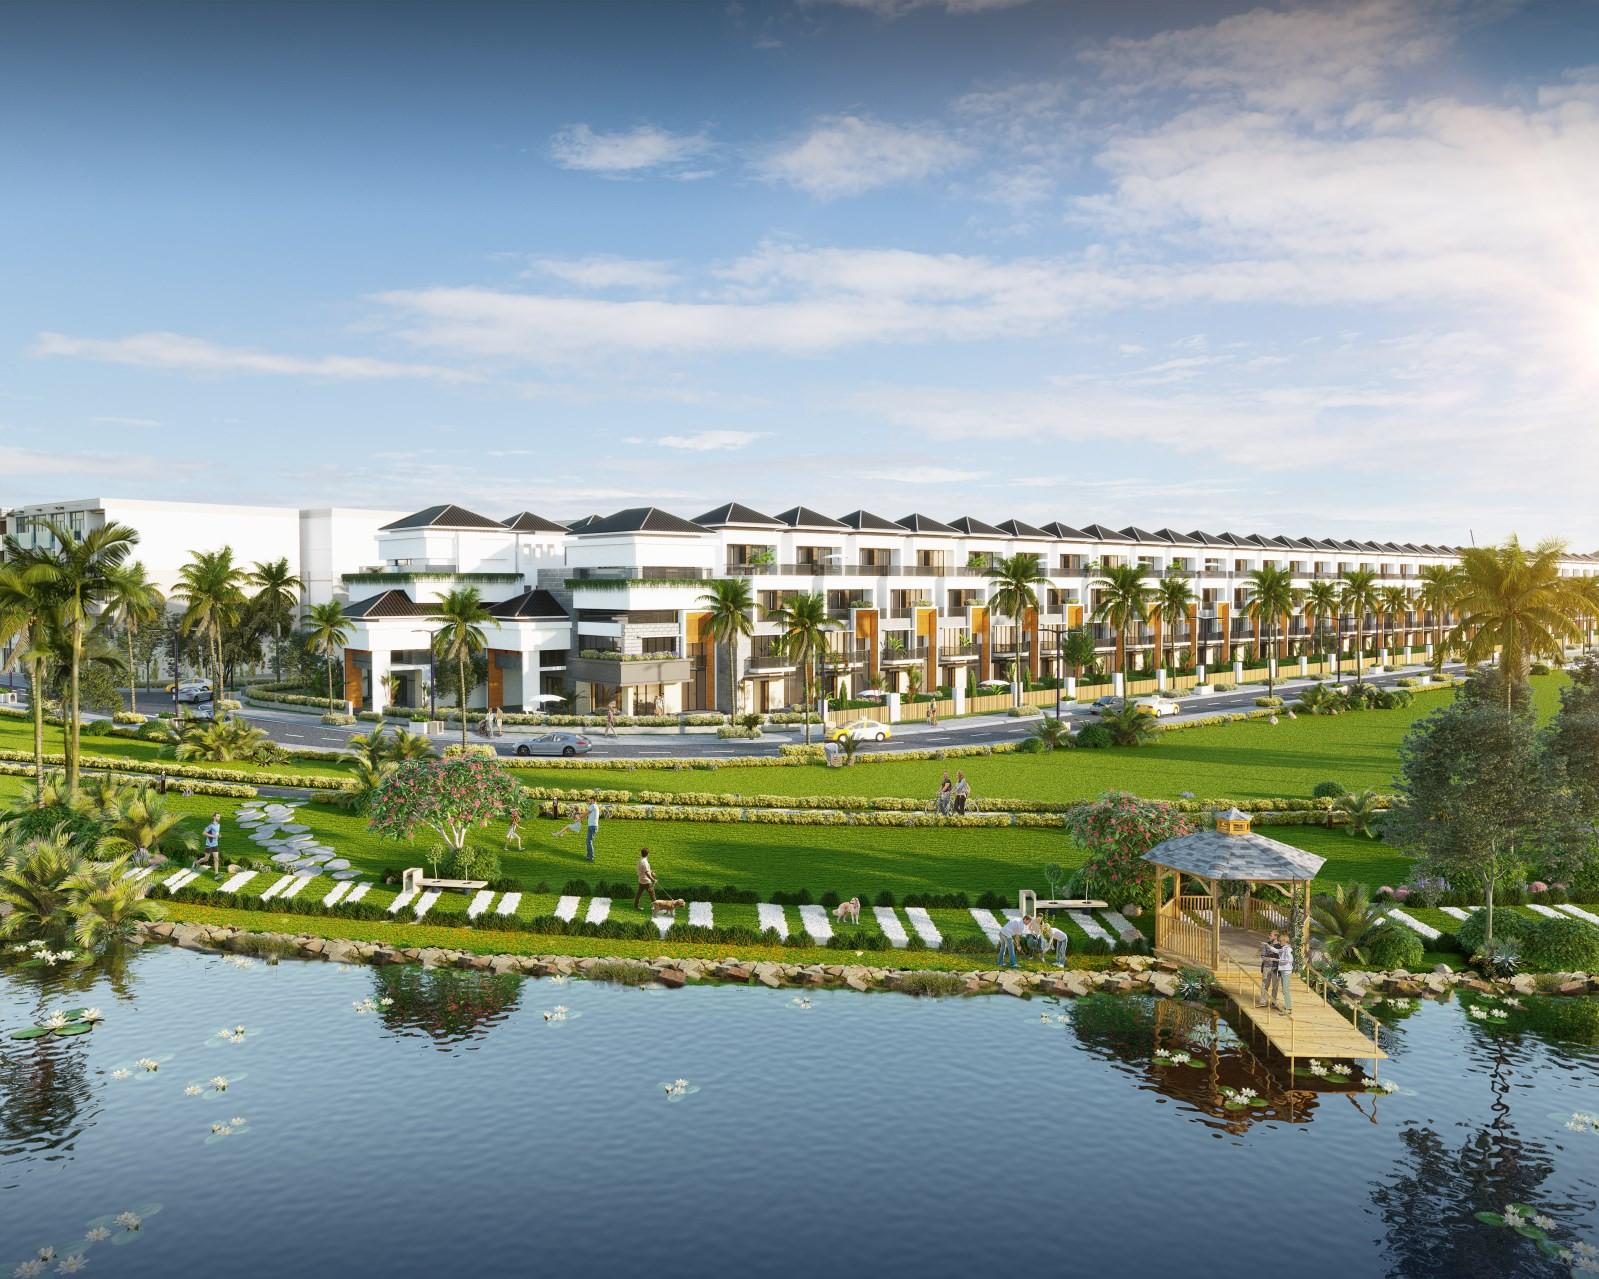 Nhà phố ven sông, xu hướng mới đón đầu quy hoạch tại Đà Thành - Ảnh 2.